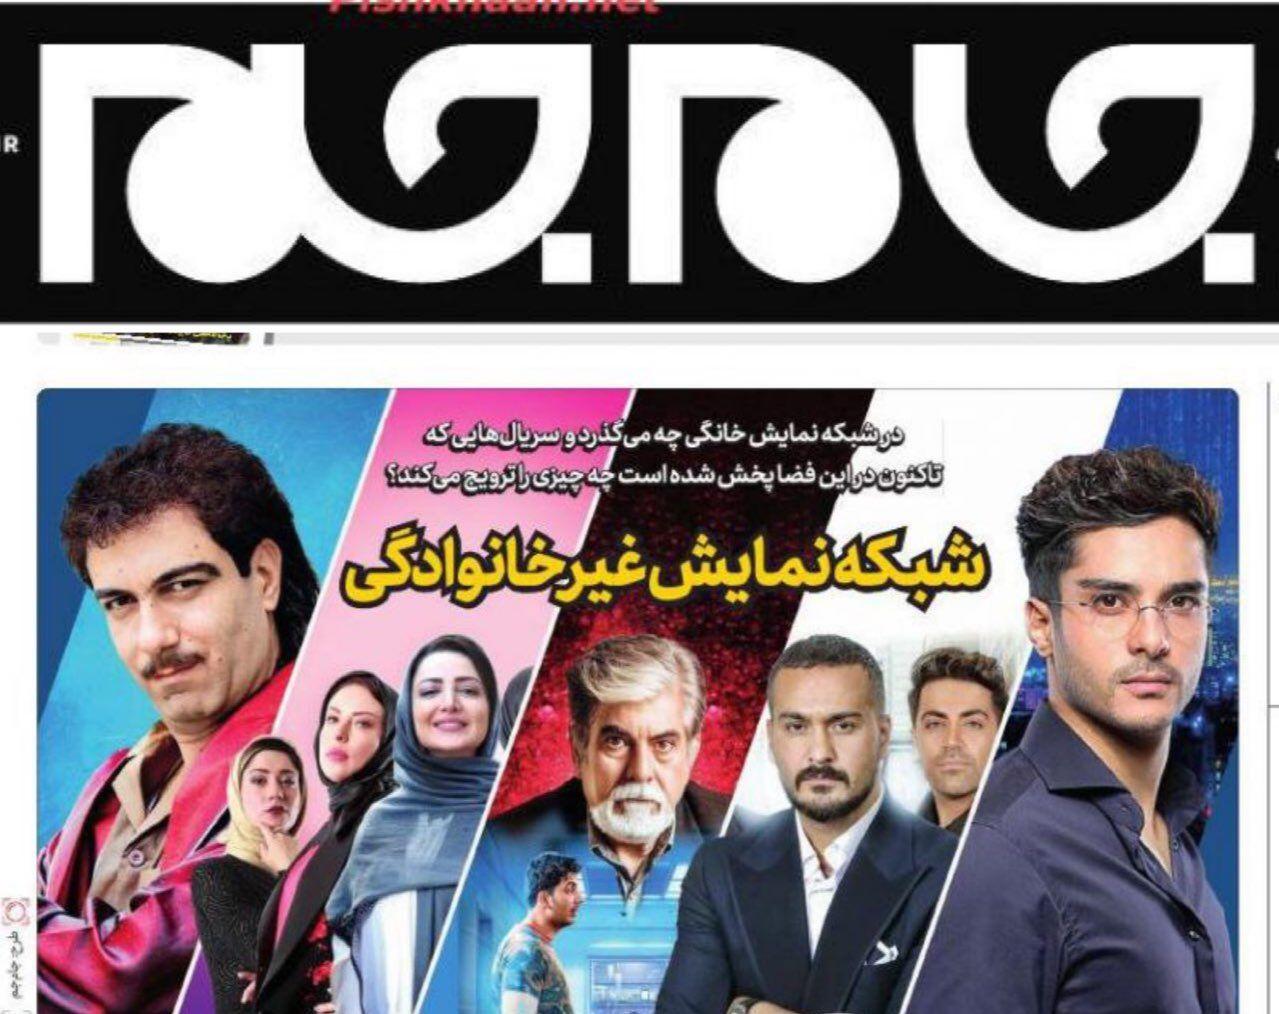 جامجم ارگان رسانهی صداوسیما علیه نمایش خانگی